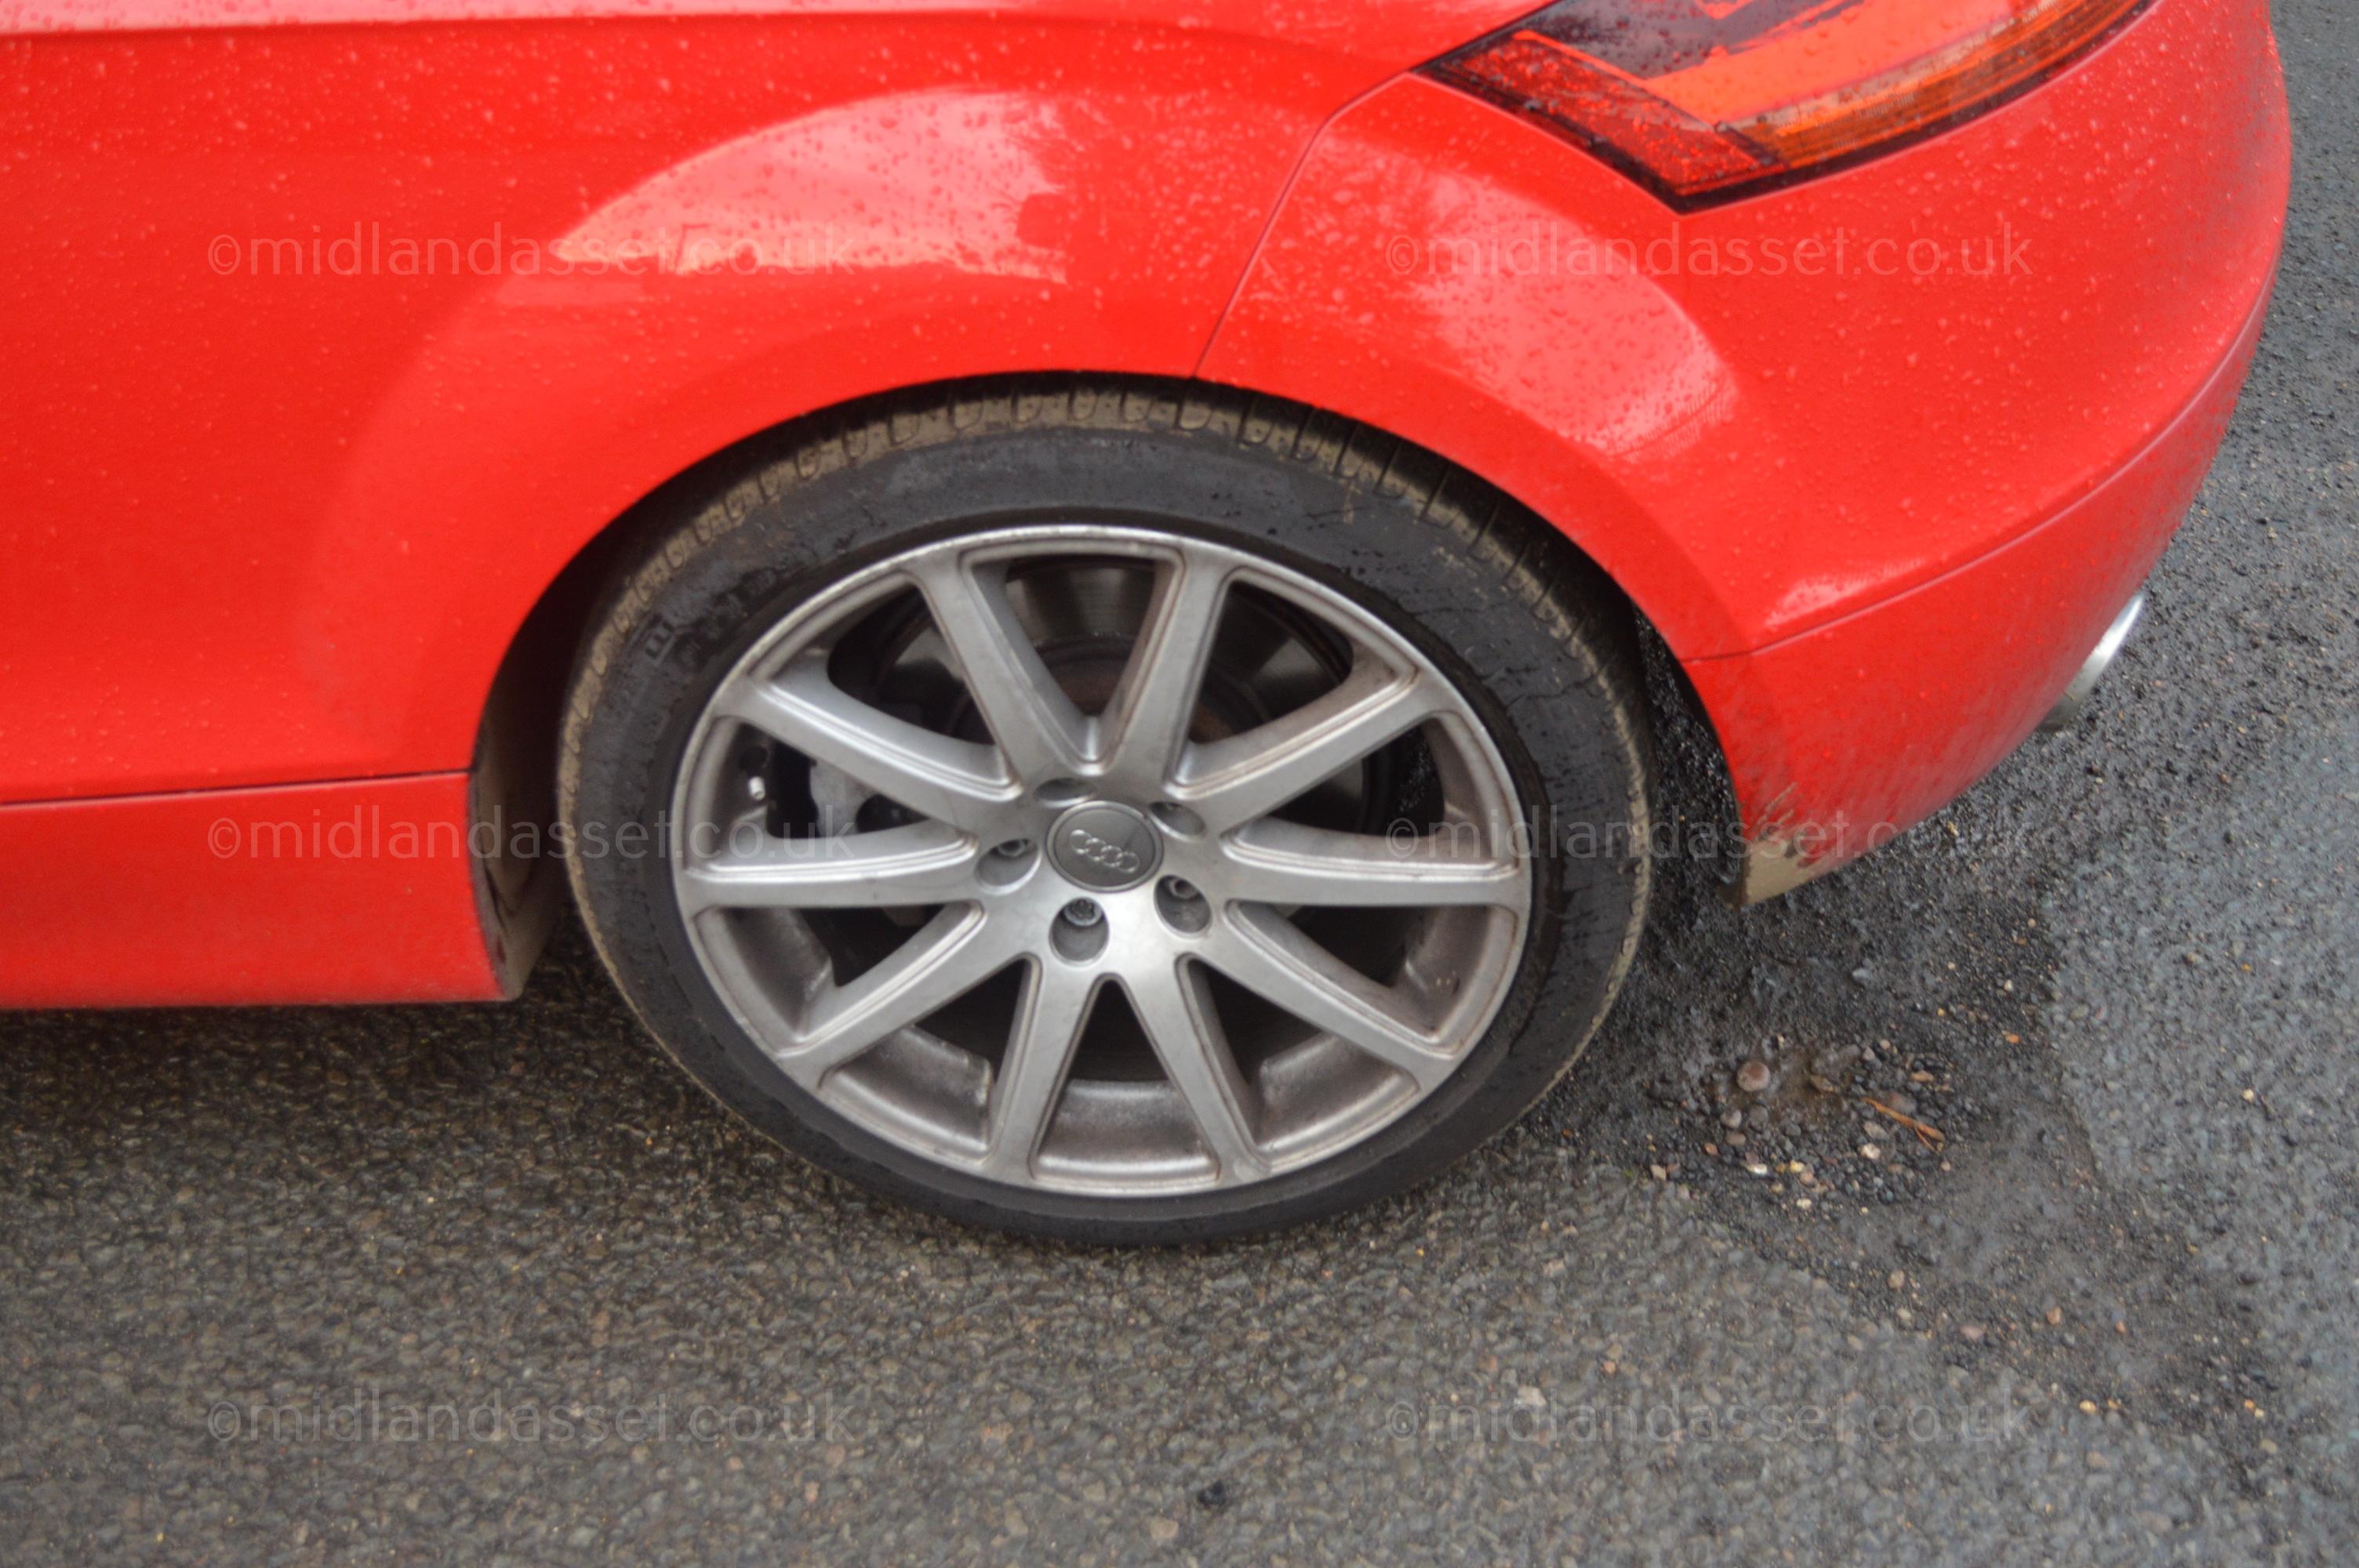 D 2007 56 Reg Audi Tt Quattro 3 2 Coupe Date Of